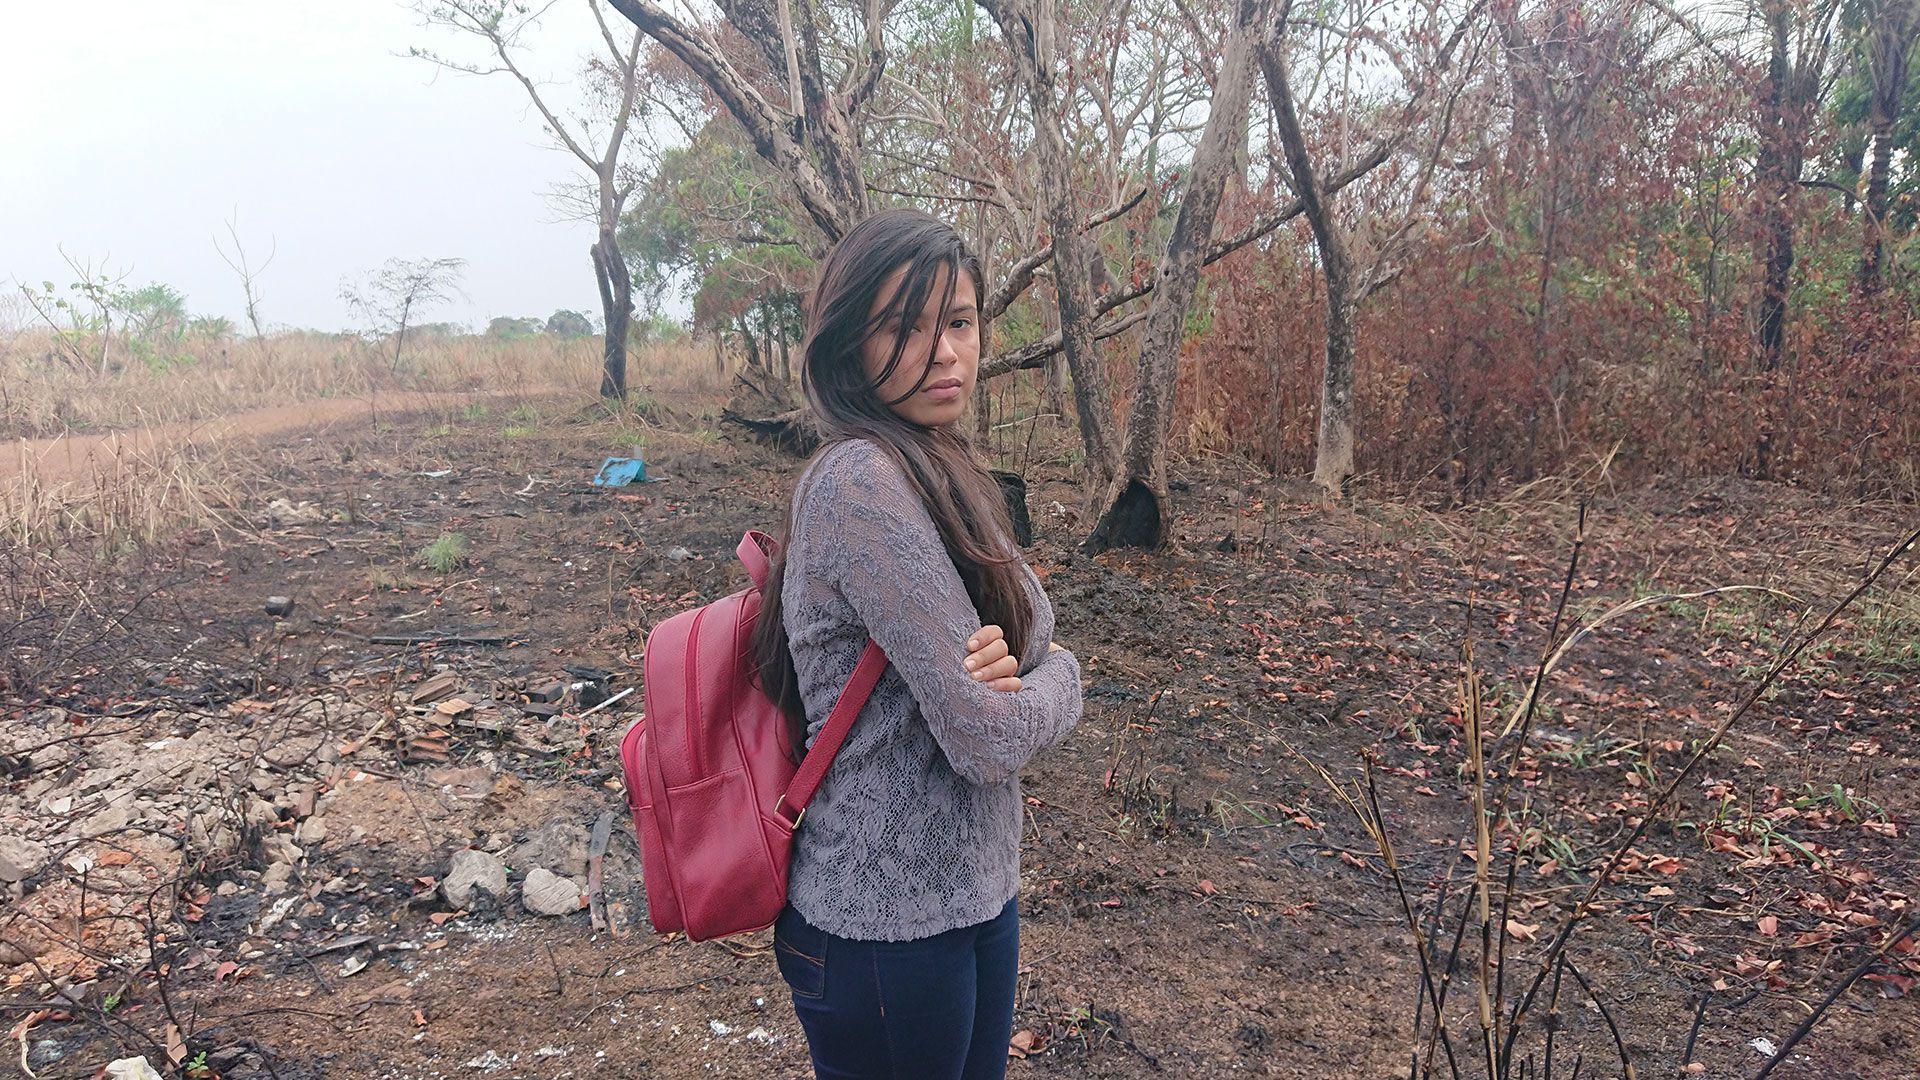 Ana, una joven de 23 años